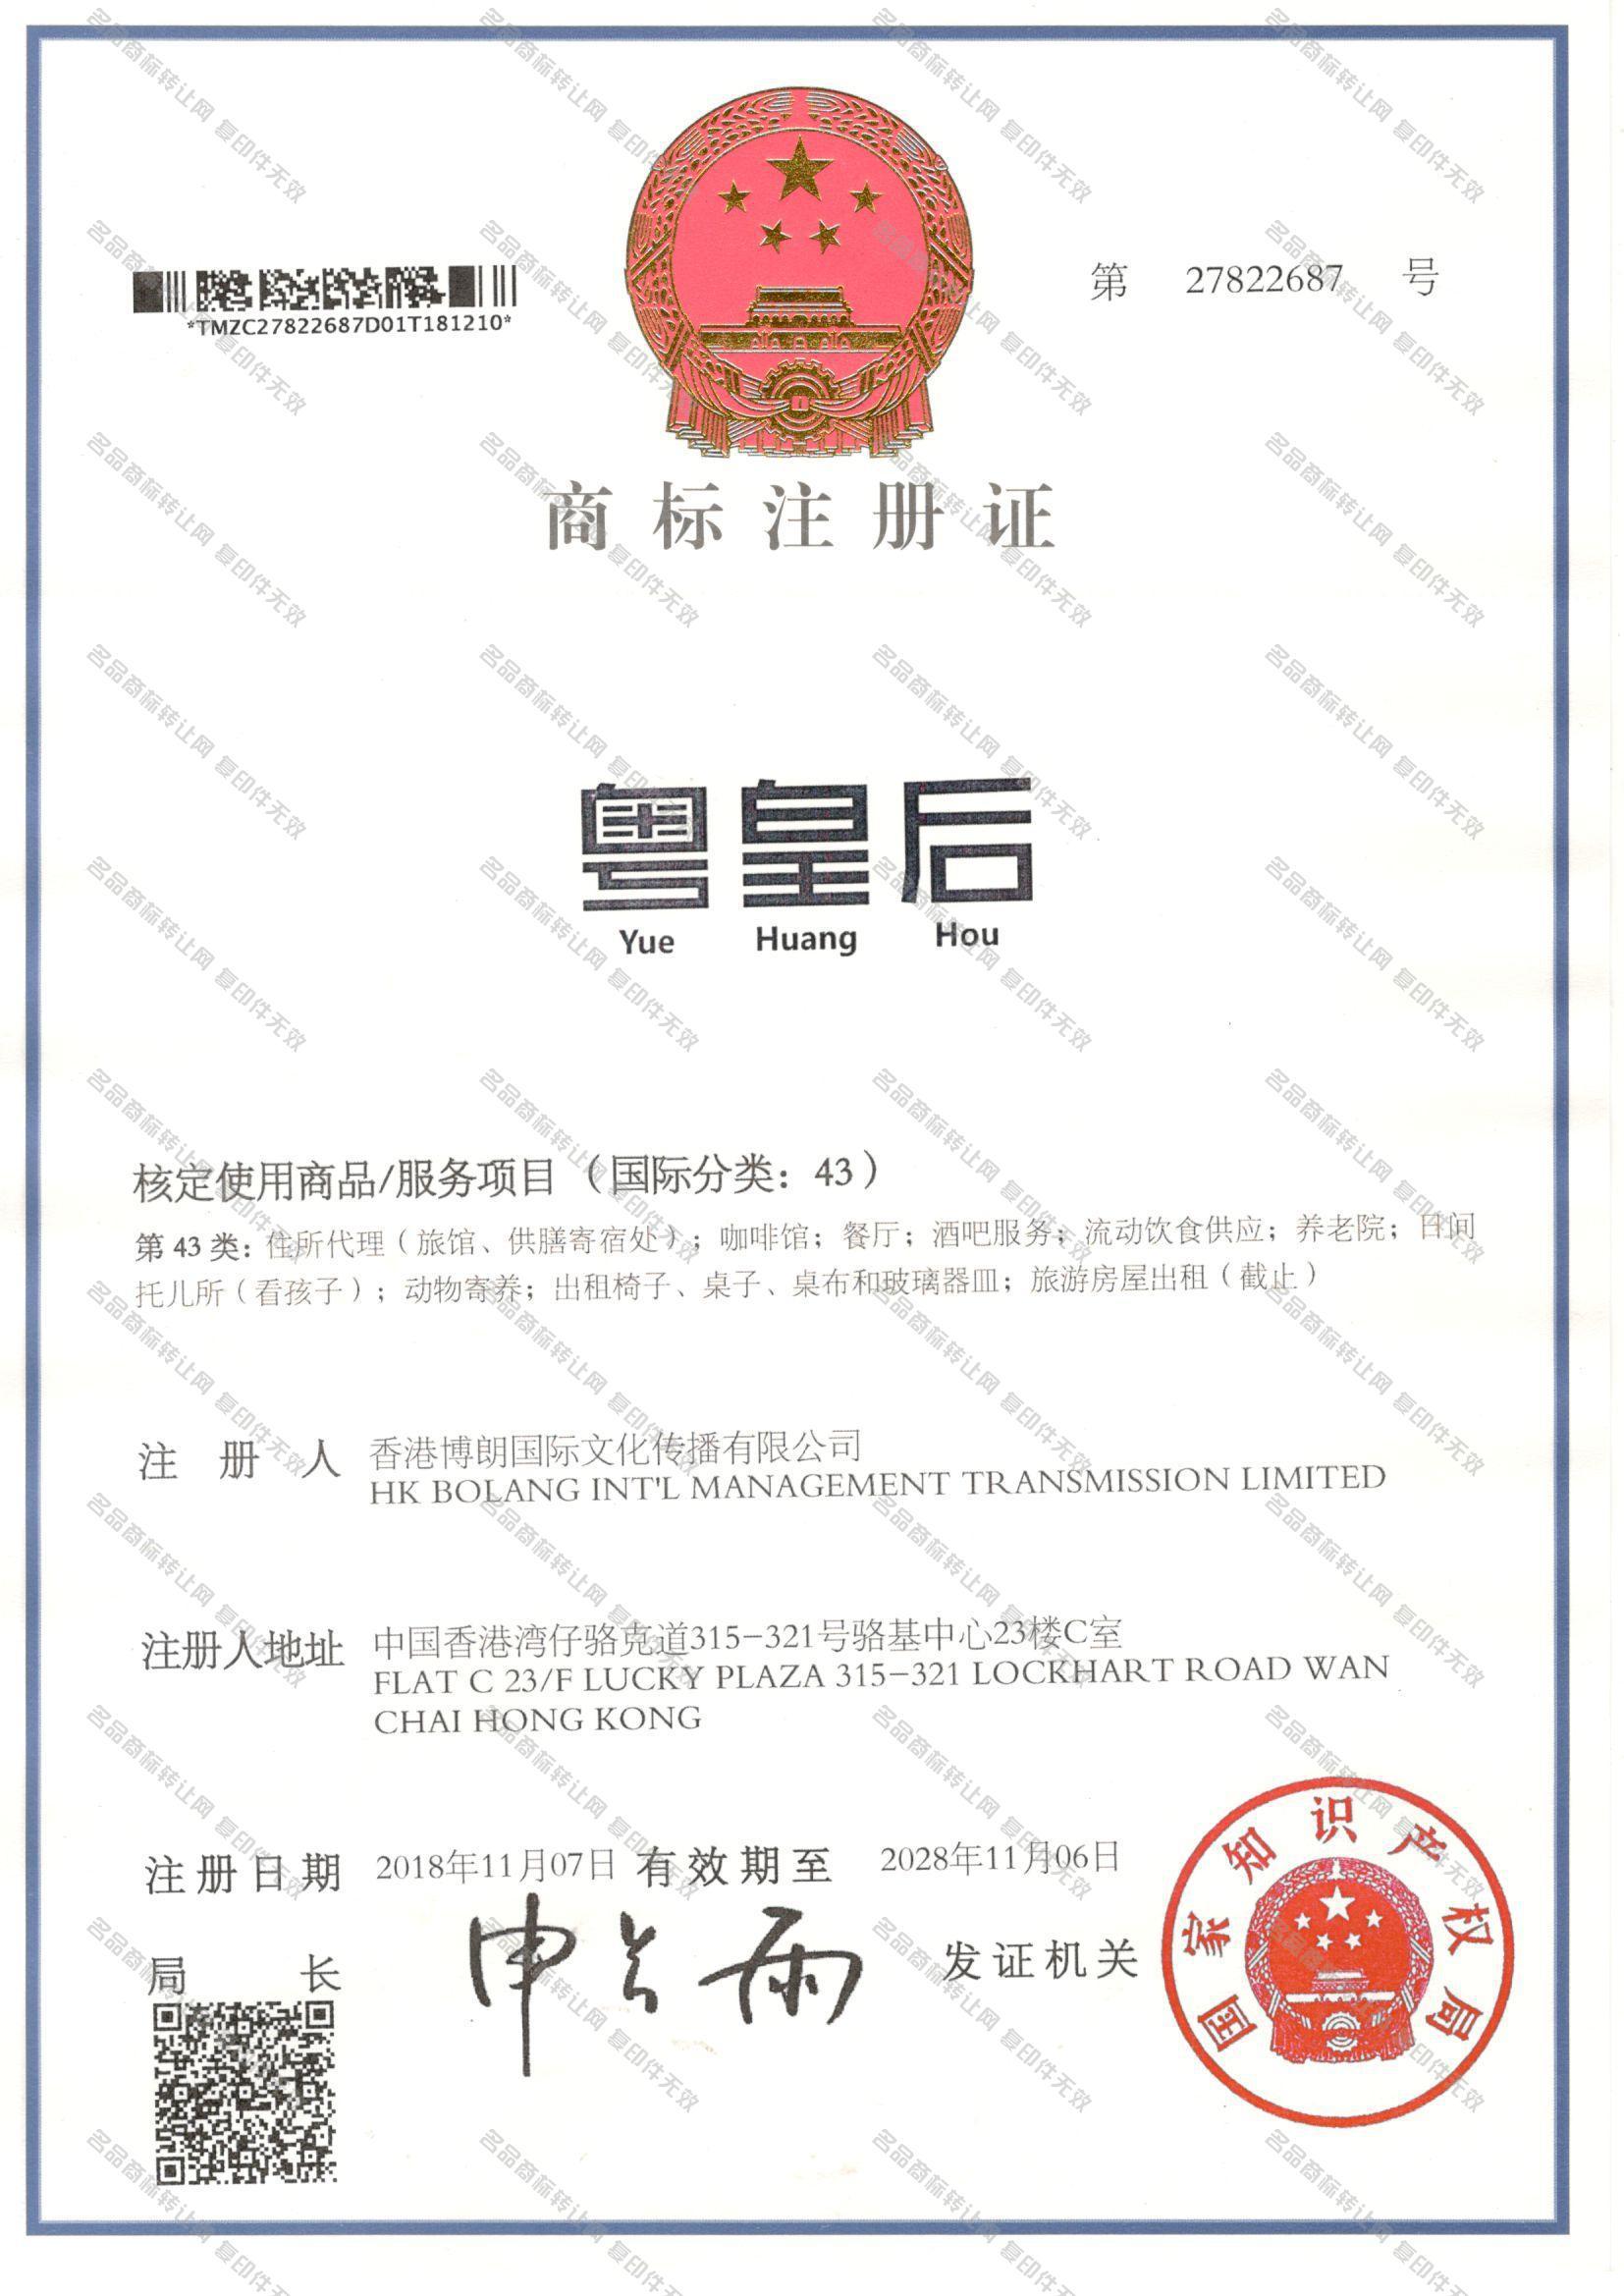 粤皇后 YUEHUANGHOU注册证